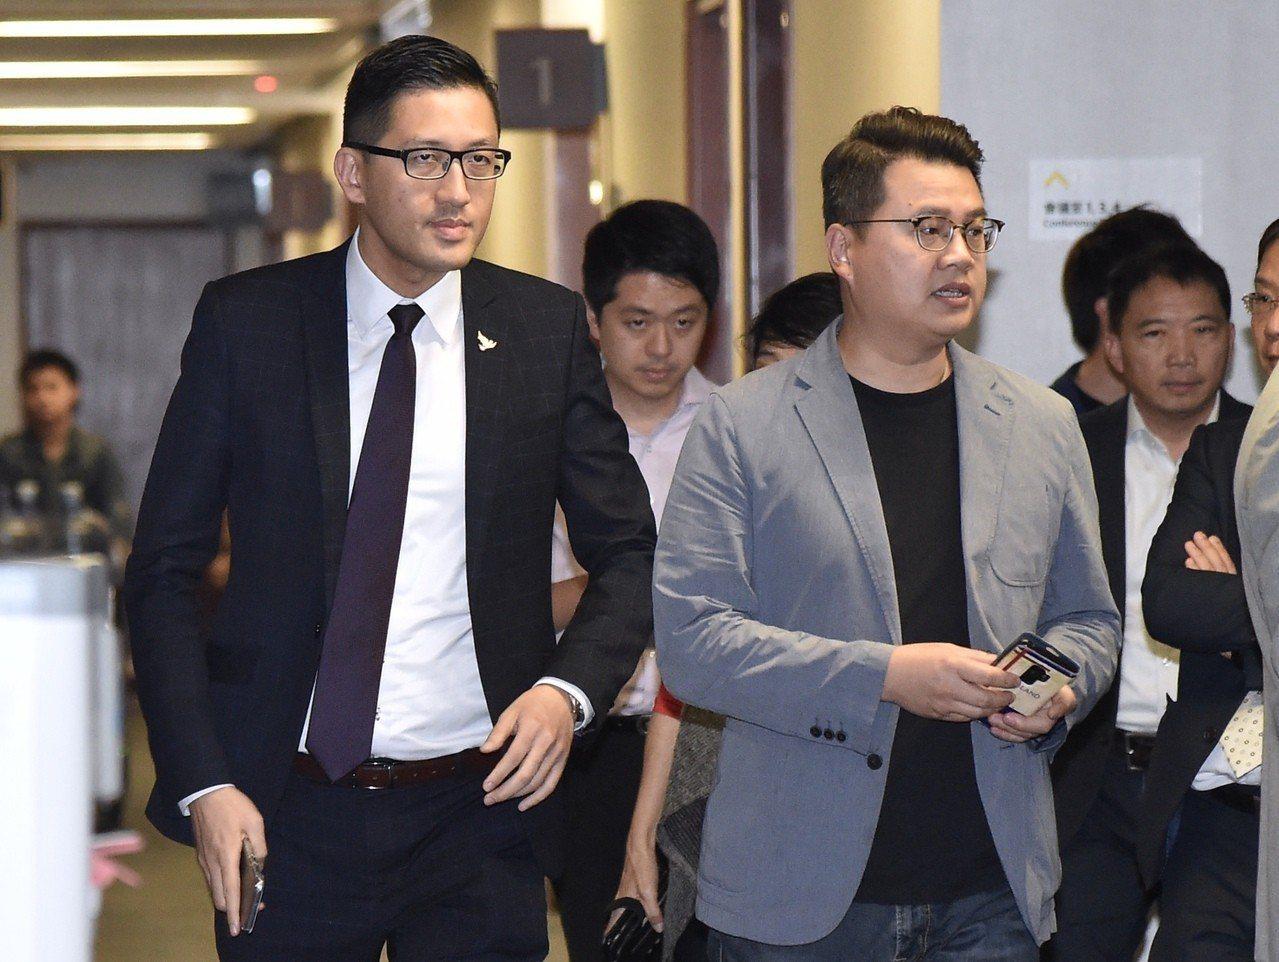 香港民主黨兩名立法會議員林卓廷及尹兆堅,因為6月在議會內抗議而遭「預約拘捕」,他...